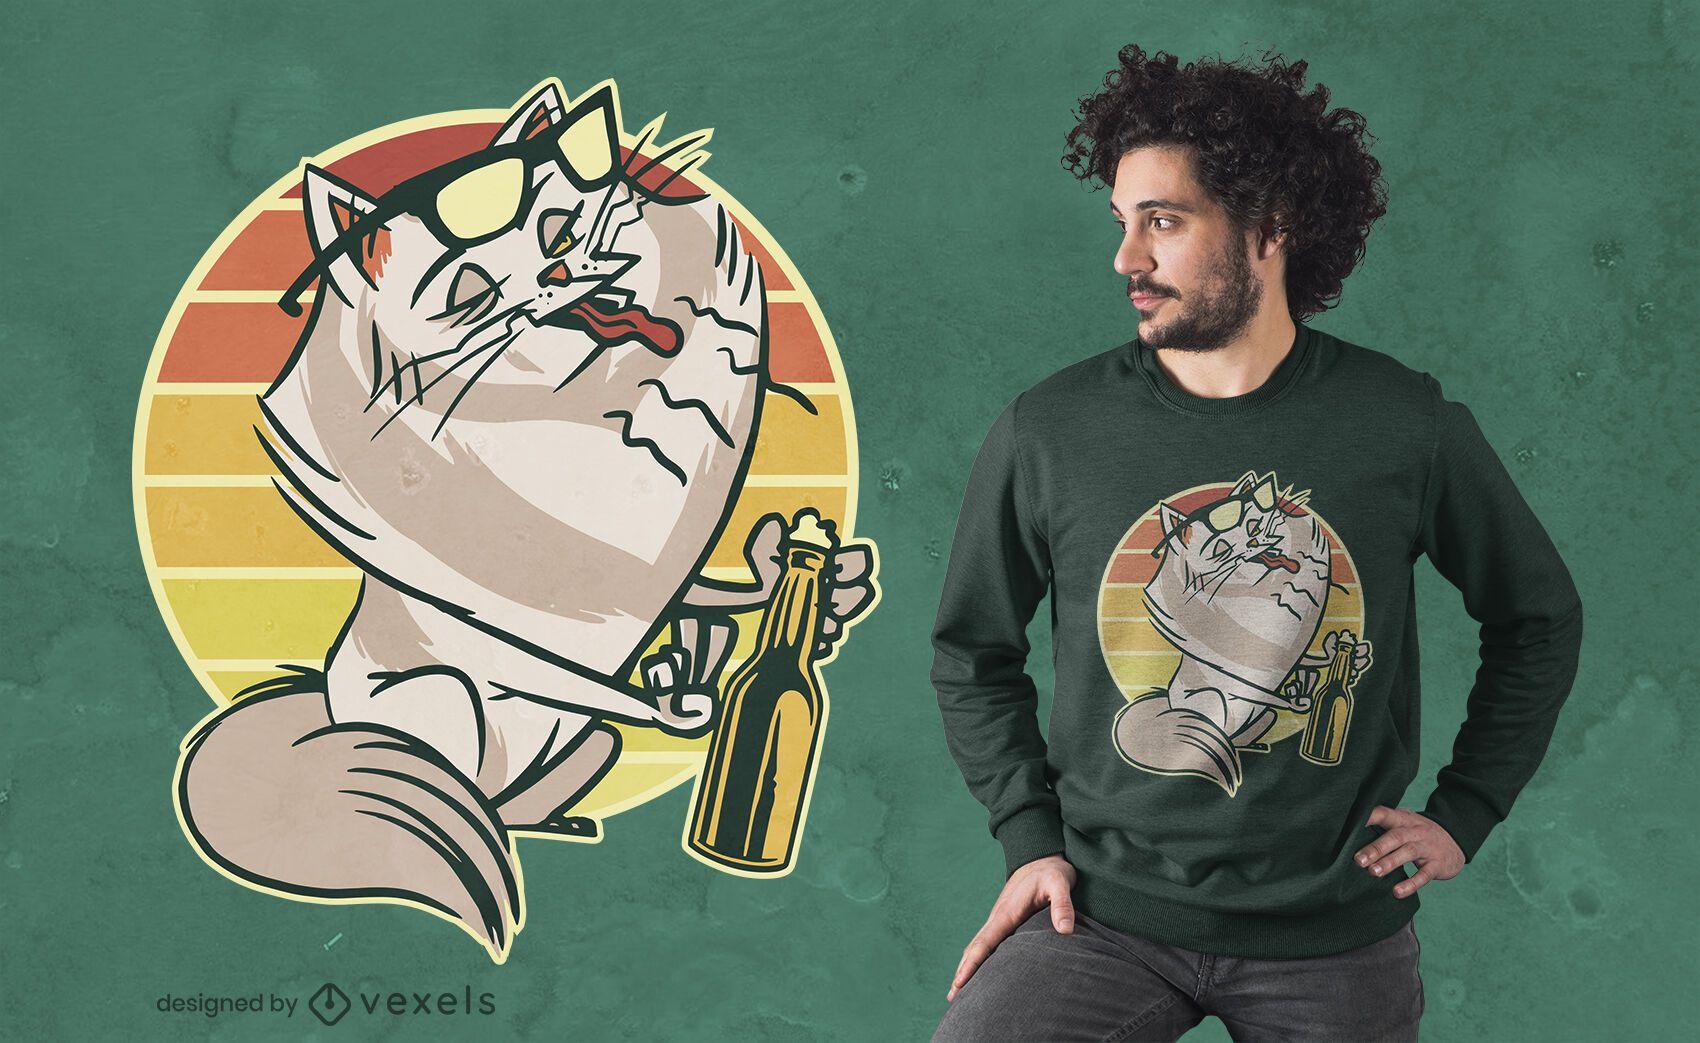 Belching cat t-shirt design